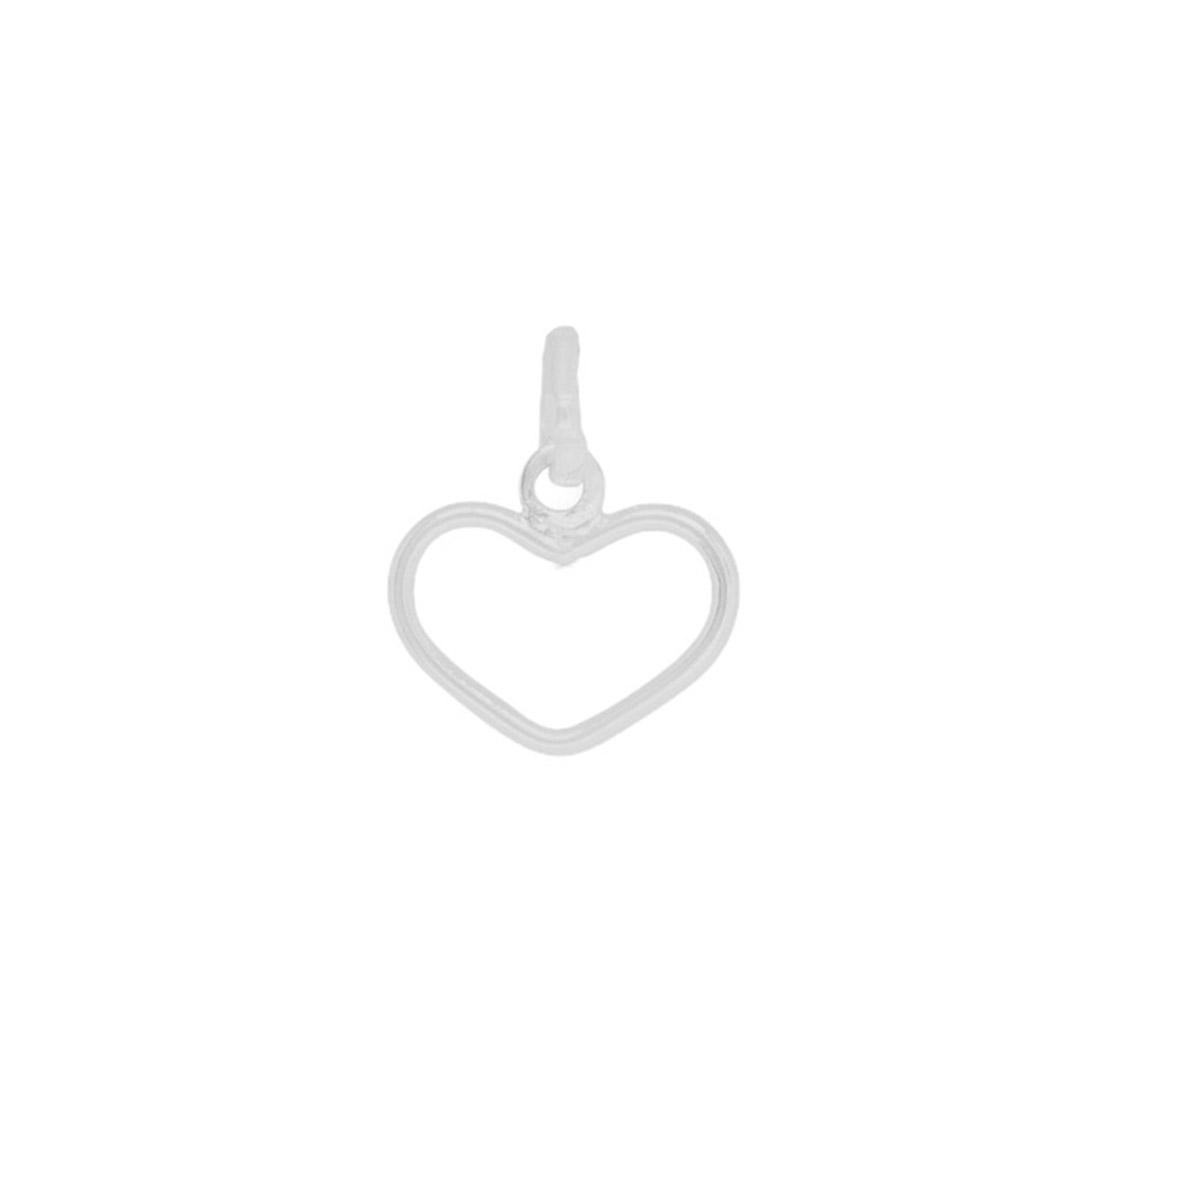 Pingente joia em prata 925 pura coração fio vazado hipoalergênica